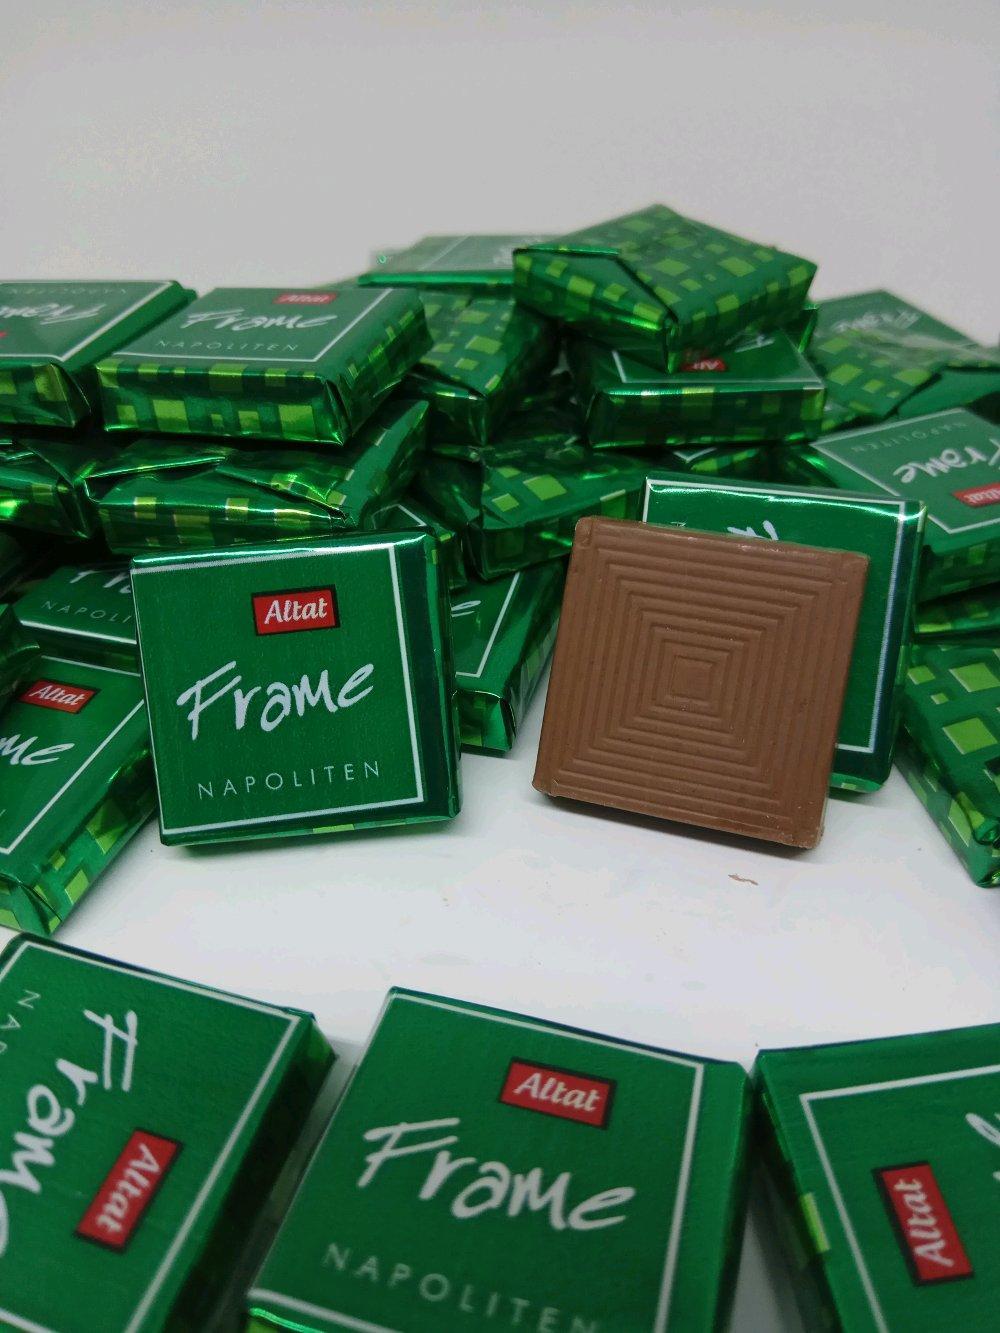 Coklat Arab Altat Frame 1kg di lapak Toko Kurma Alif alifkurma